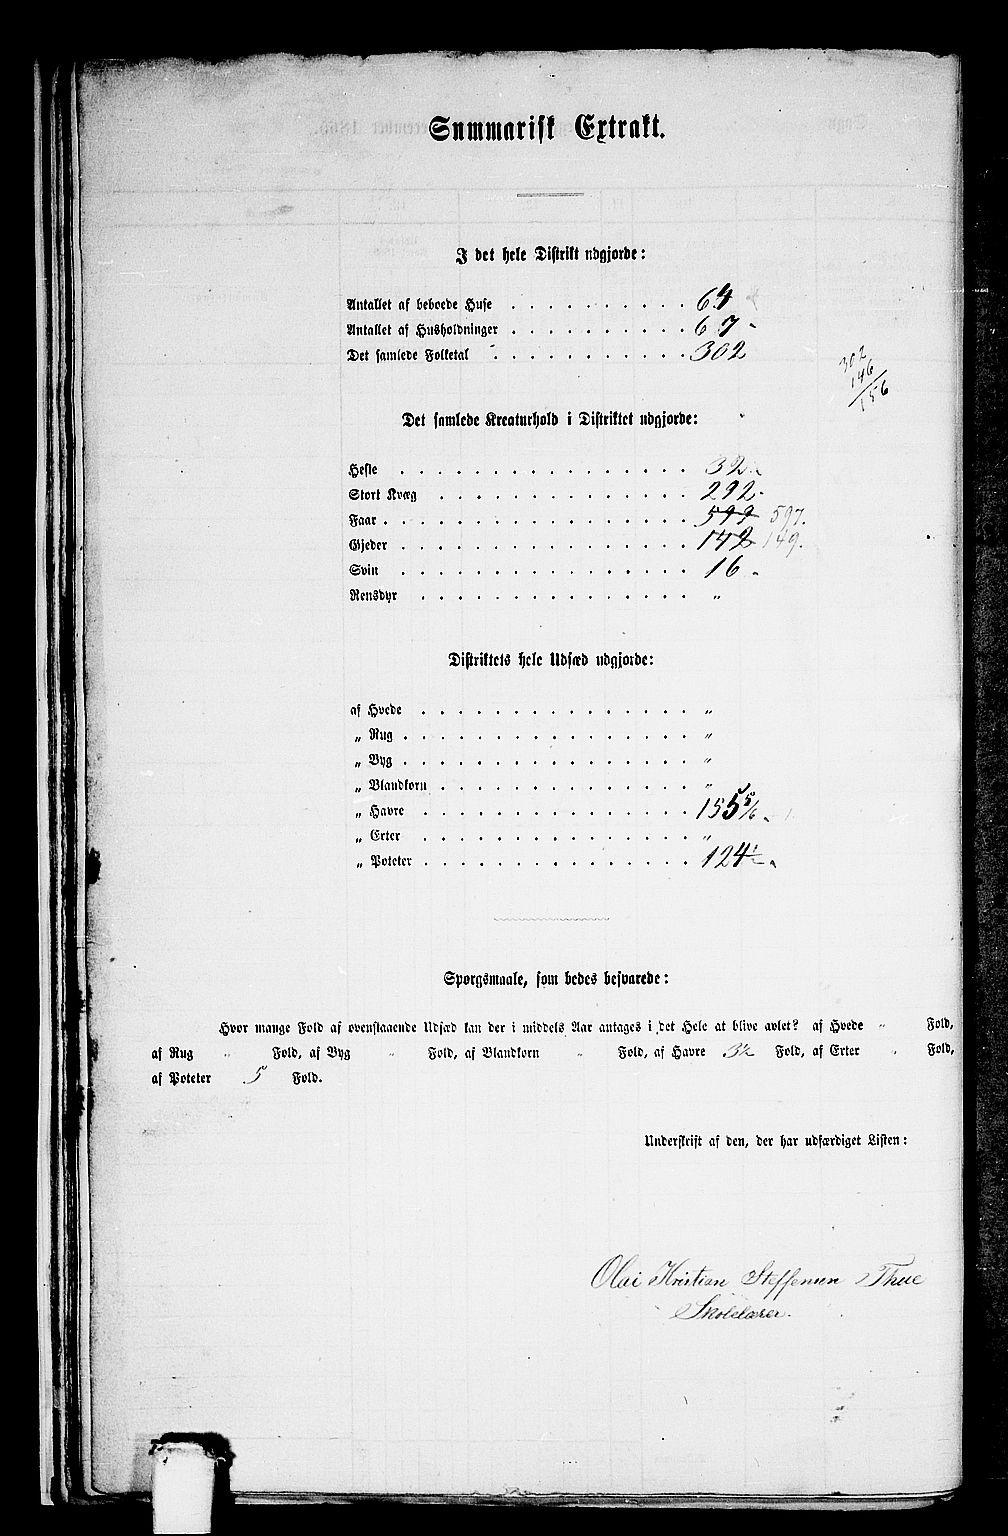 RA, Folketelling 1865 for 1511P Vanylven prestegjeld, 1865, s. 23